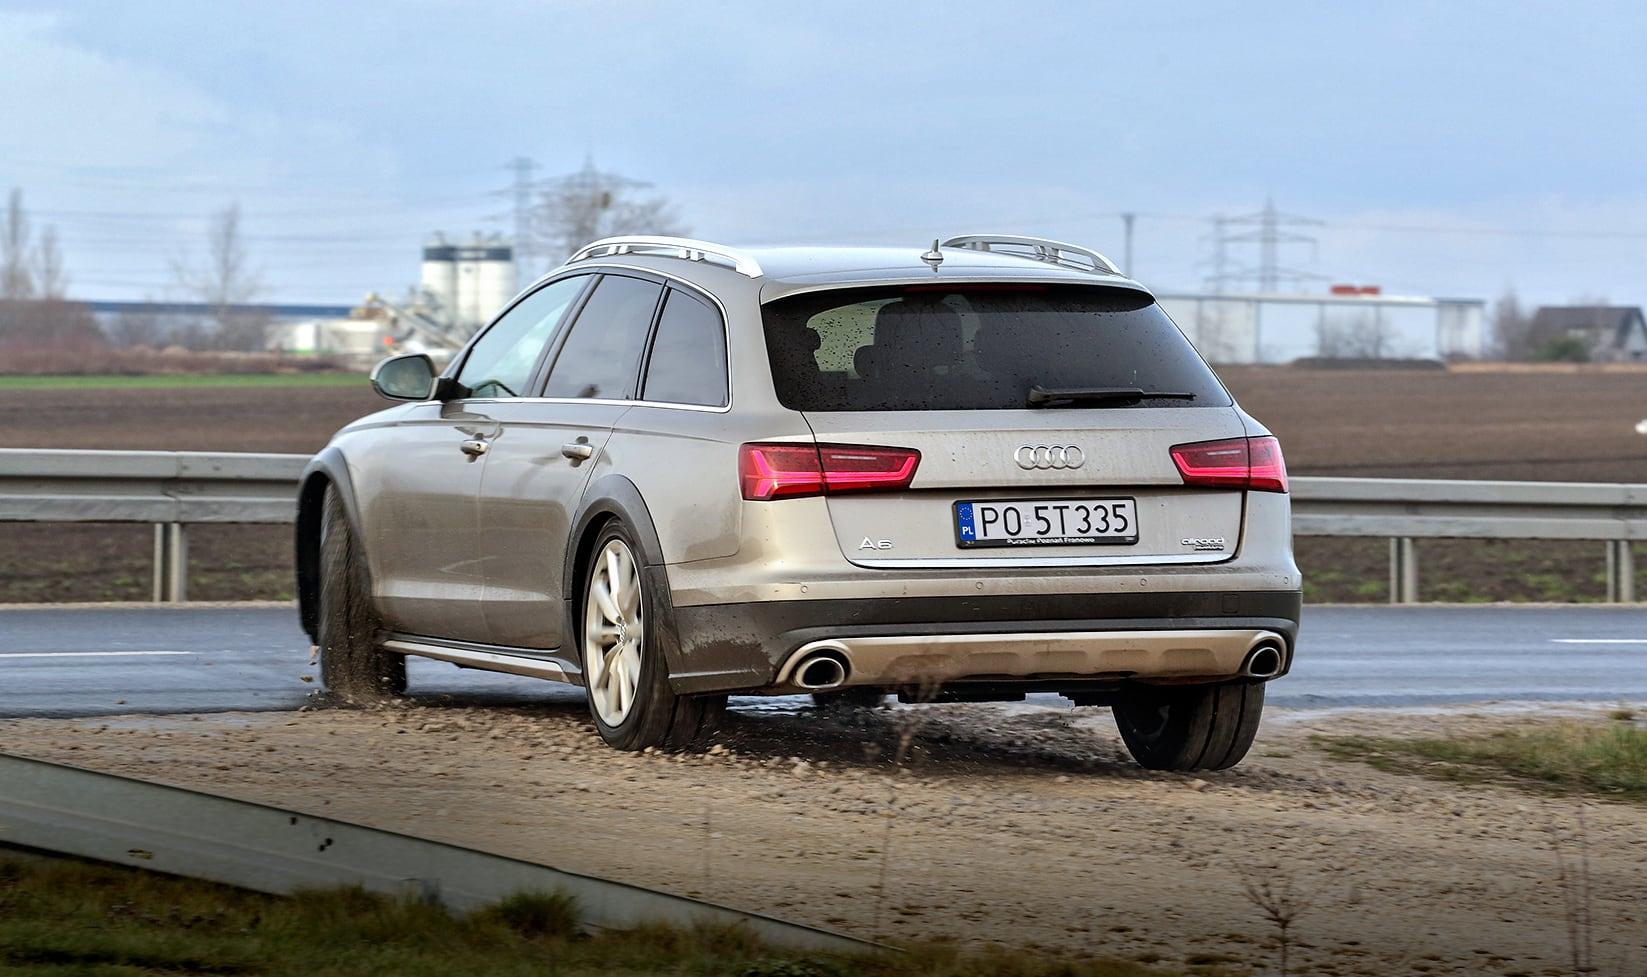 Audi A6 (C7) Allroad 3.0 TDI tył auta wyjeżdżającego zszutru naasfalt